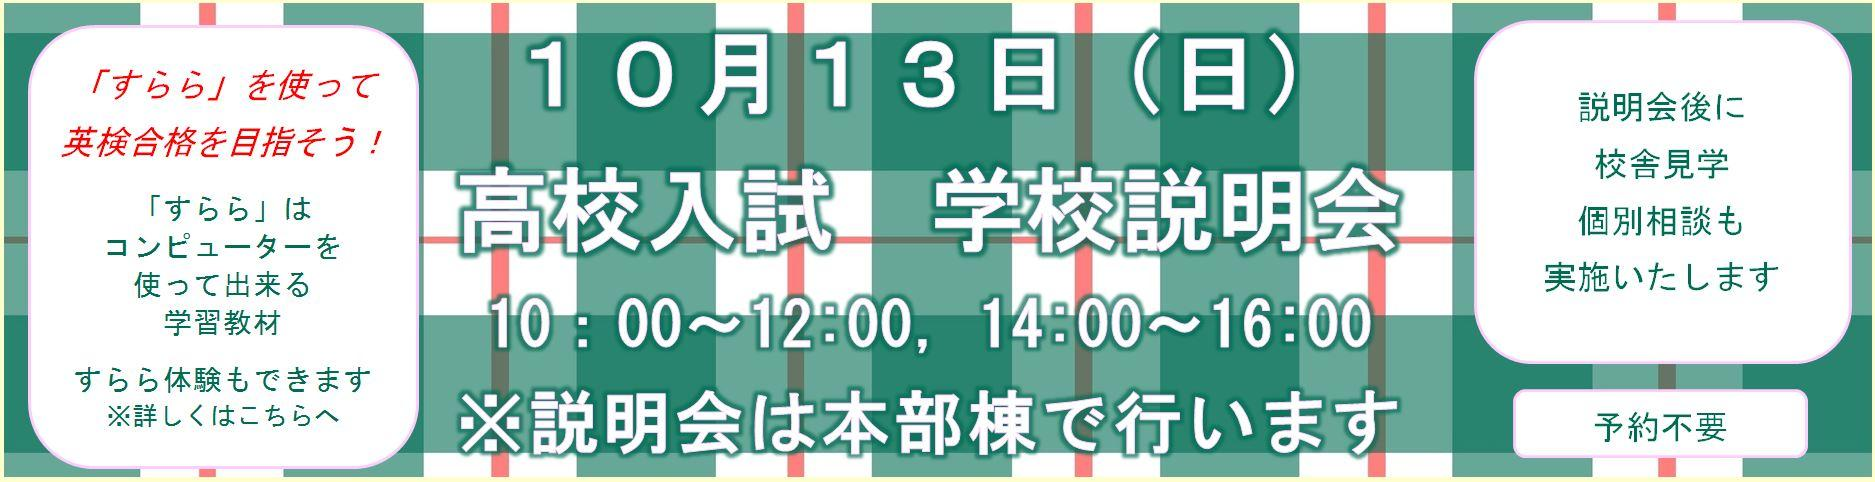 10月13日説明会.JPG